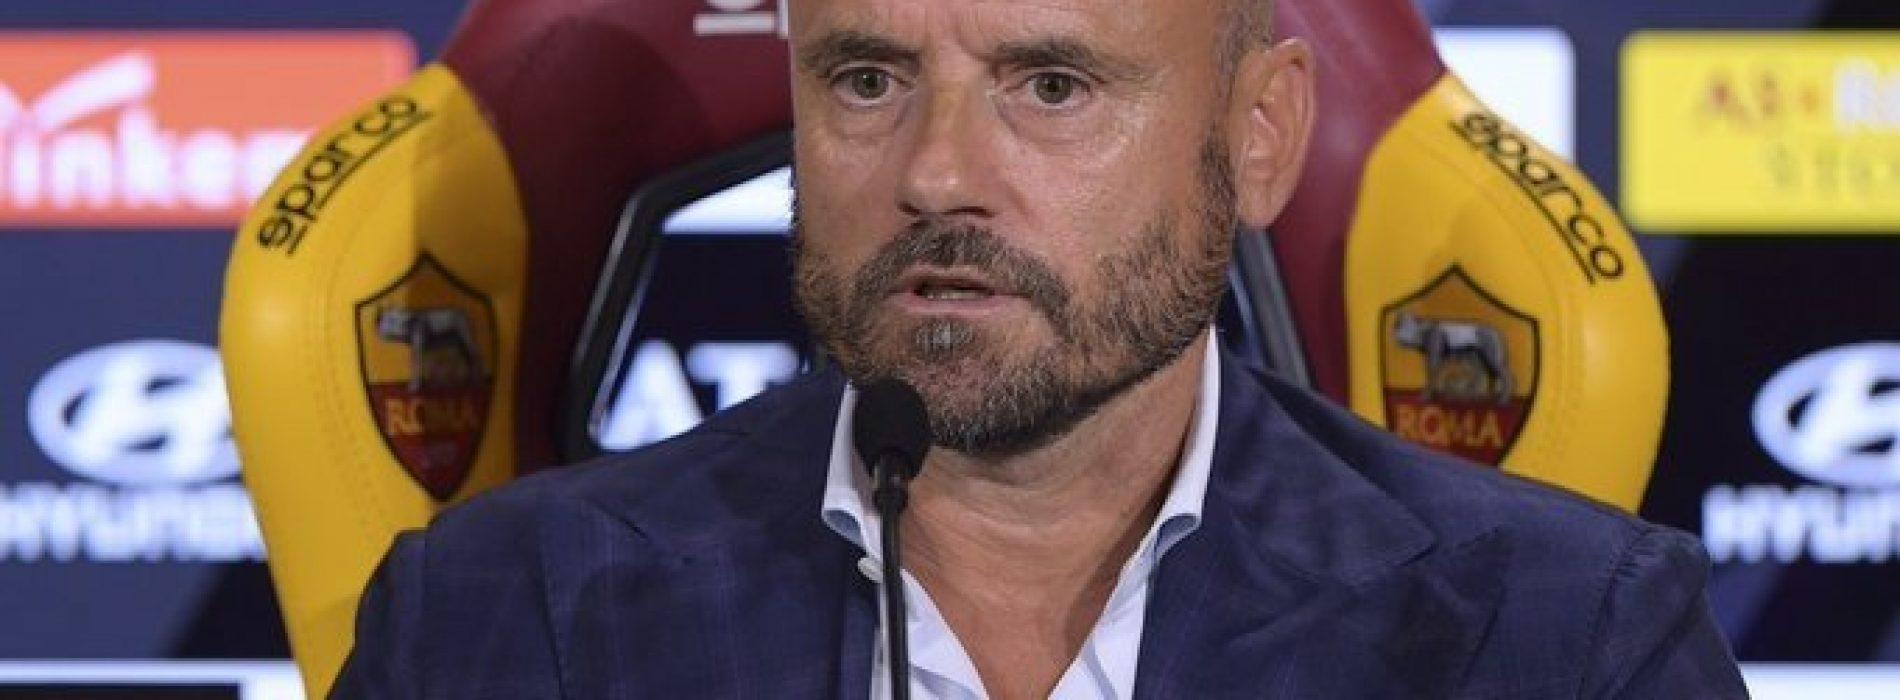 Roma, inviata la lettera a Petrachi: licenziato il direttore sportivo